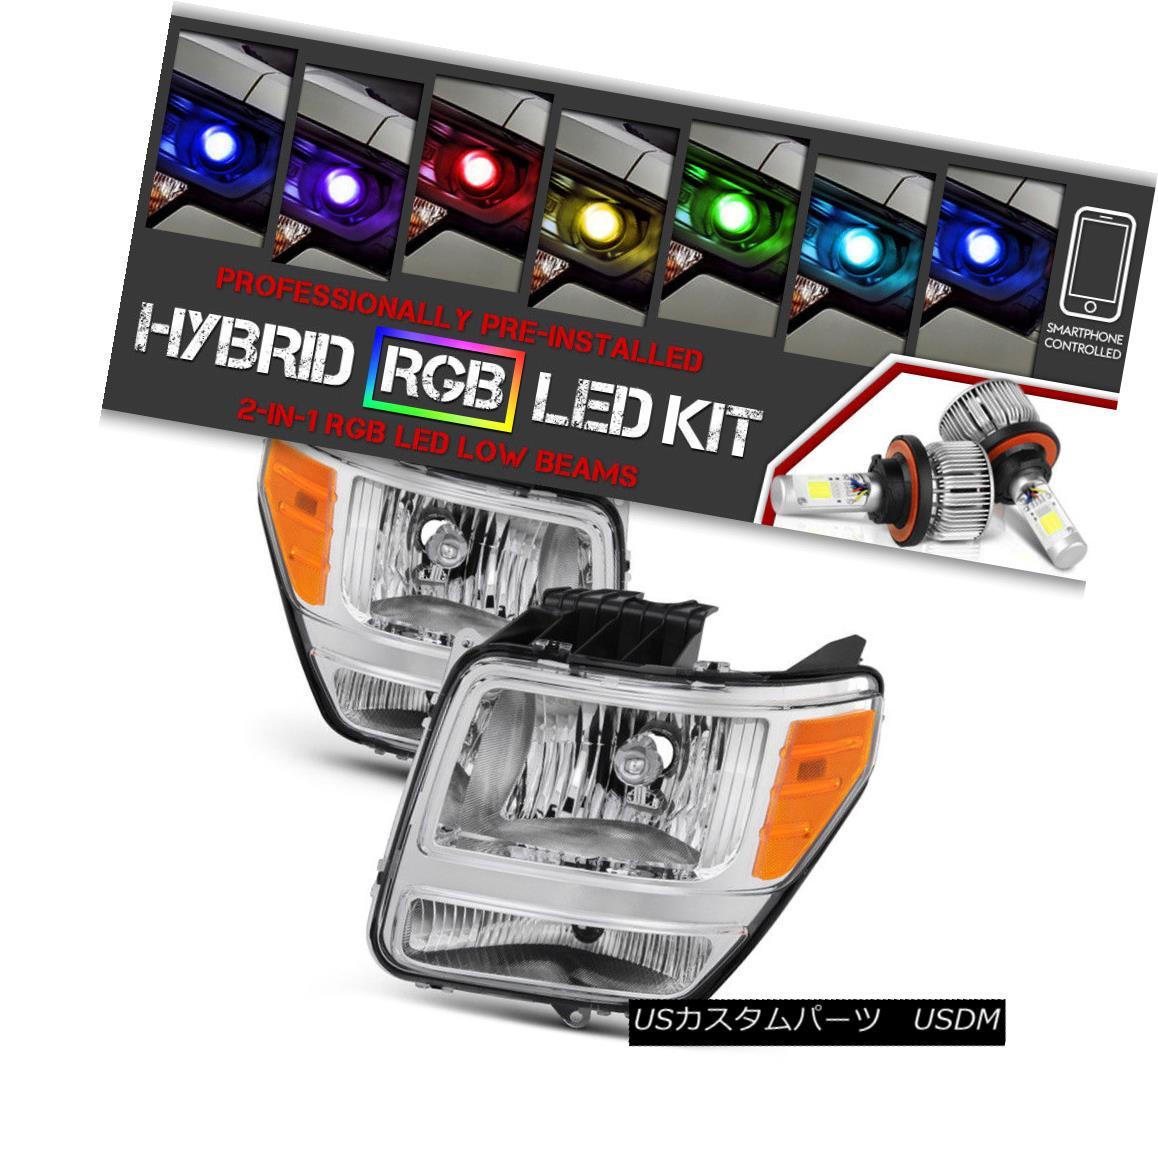 ヘッドライト [RAINBOW LED LOW BEAM] {FACTORY STYLE} 2007-2011 Dodge Nitro Chrome Headlamp SET [RAINBOW LED LOW BEAM] {ファクトリースタイル} 2007-2011 Dodge Nitro Chrome Headlamp SET